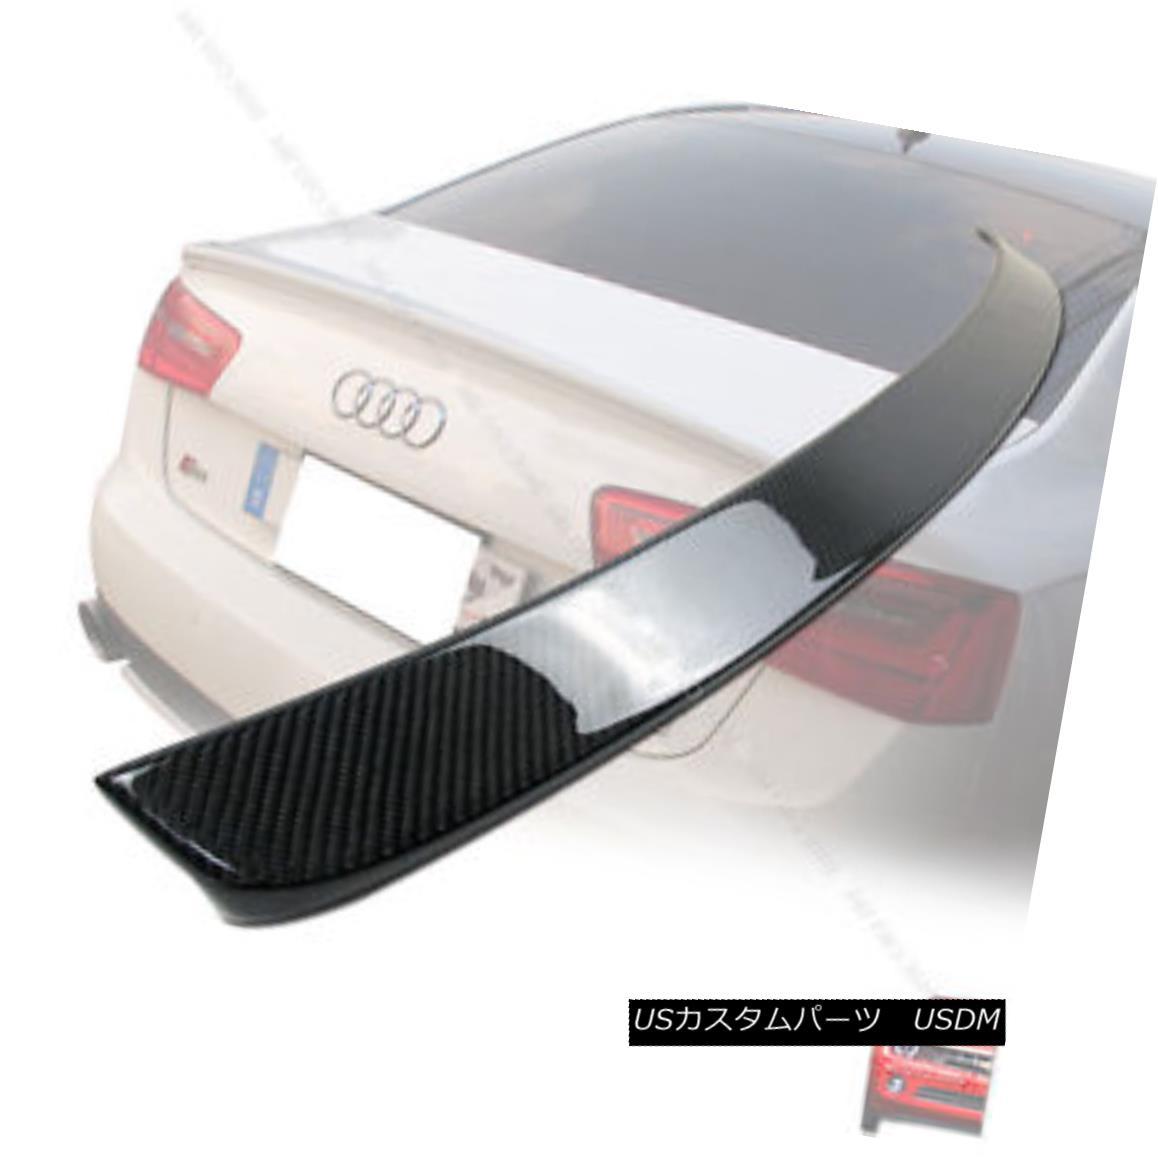 エアロパーツ Carbon For Audi A6 C7 4D Saloon D Look Boot Trunk Spoiler Wing 2014 アウディA6 C7 4DサルーンDルックルックブーツ・トランク・スポイラーウィング2014用